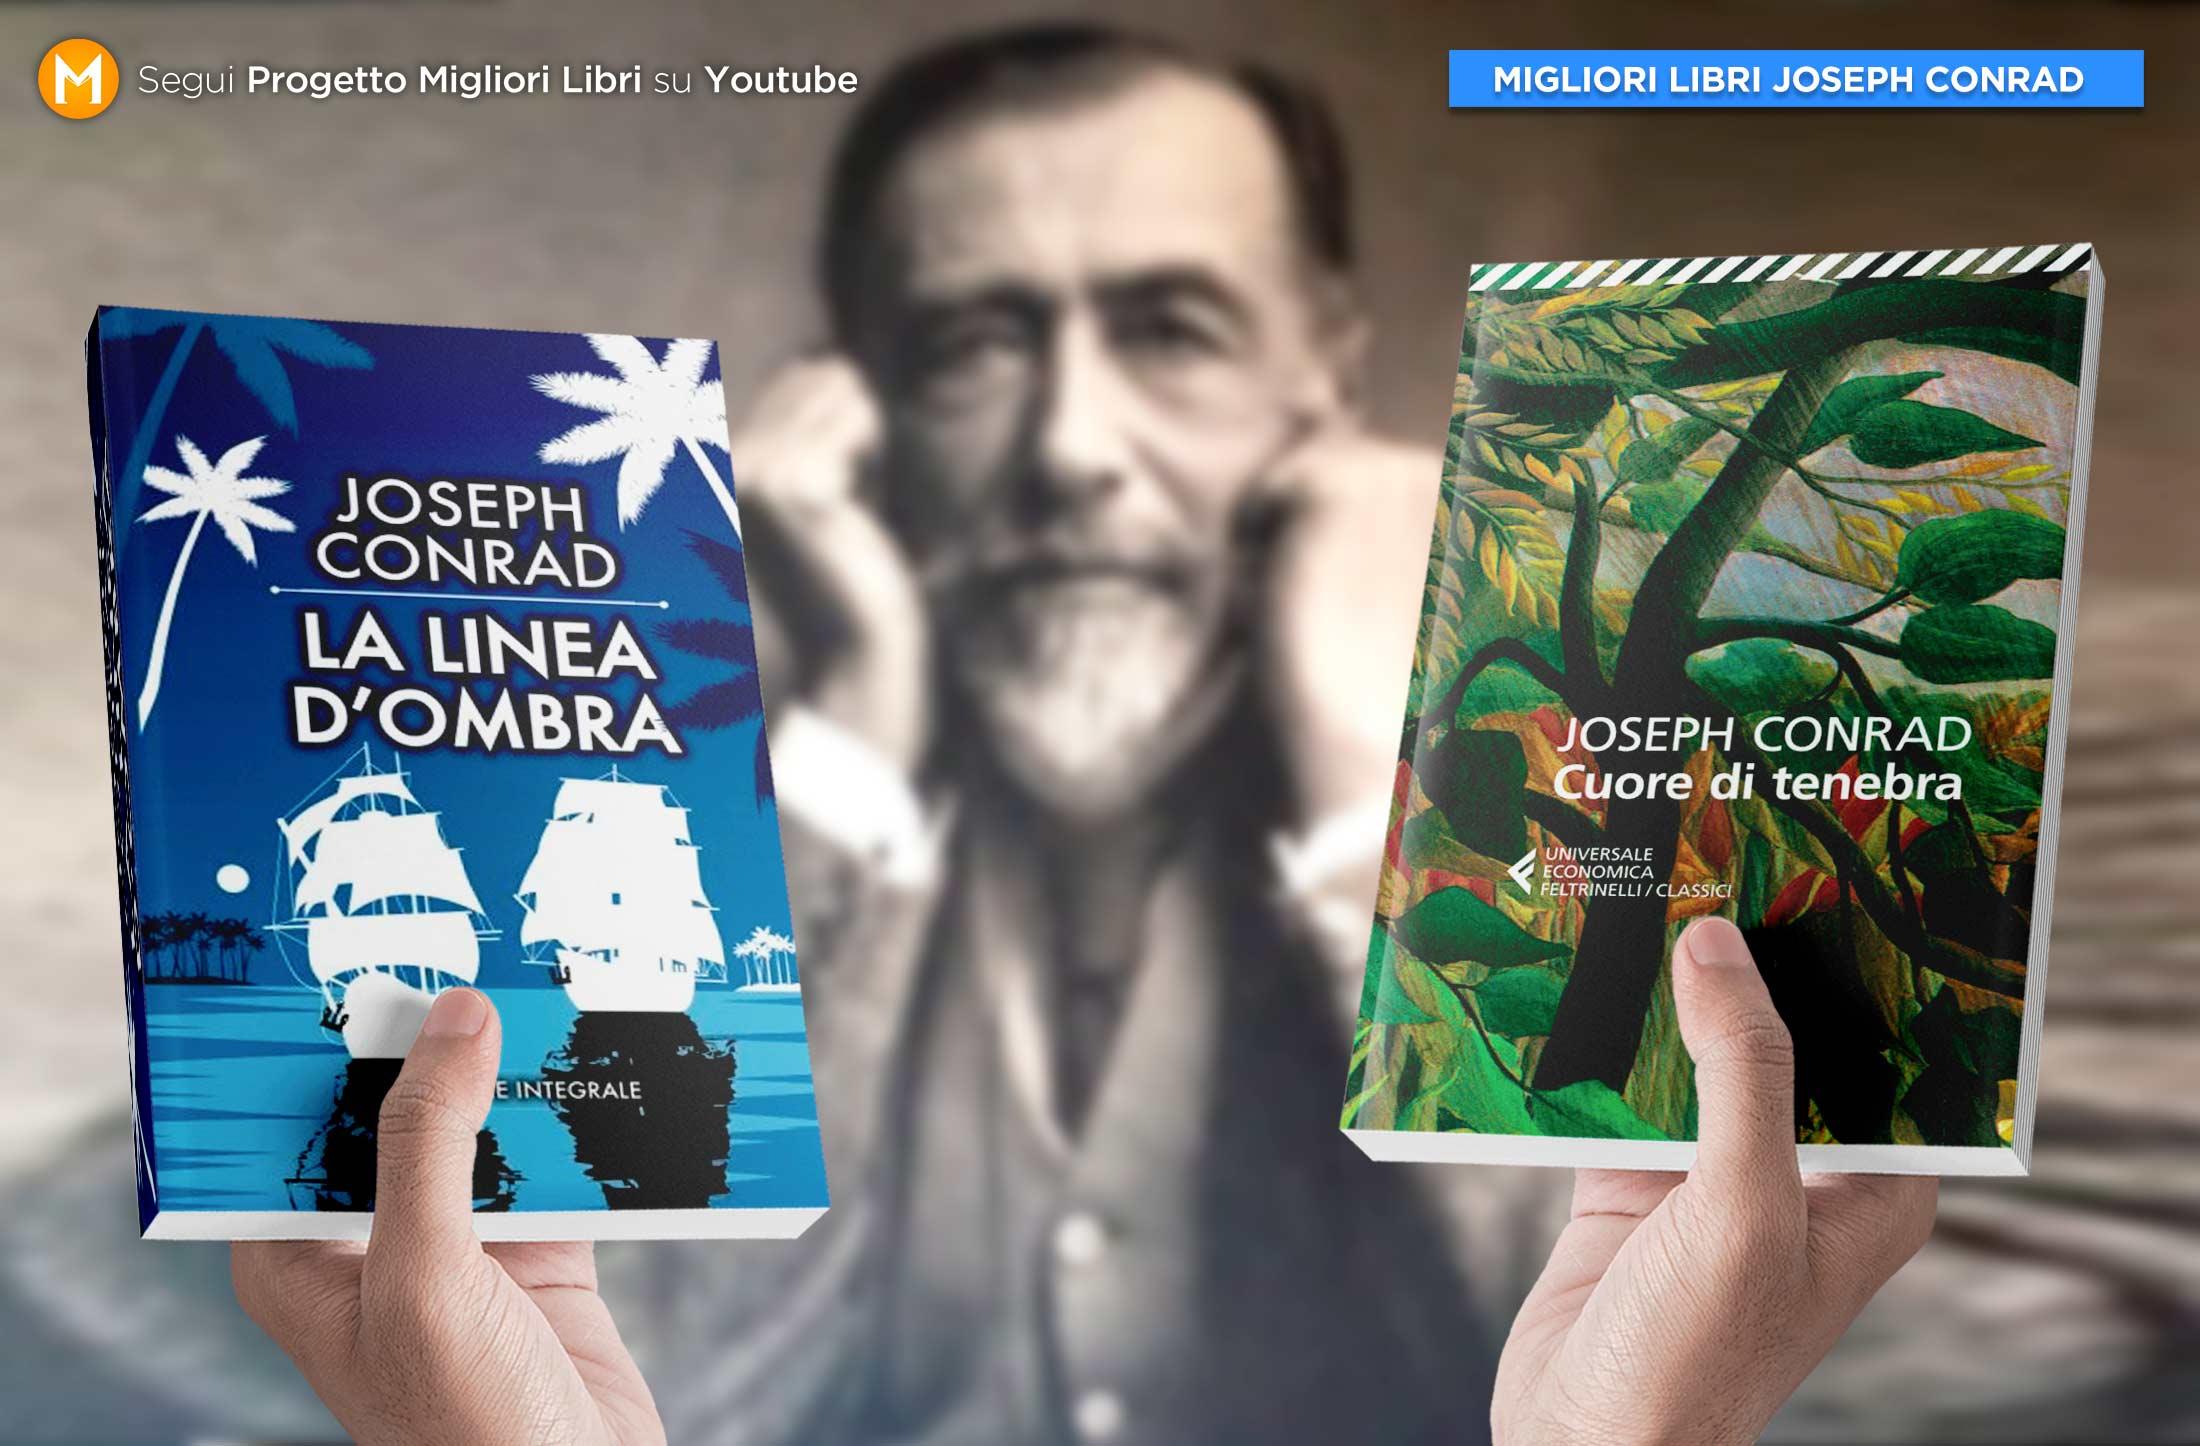 migliori-libri-joseph-conrad